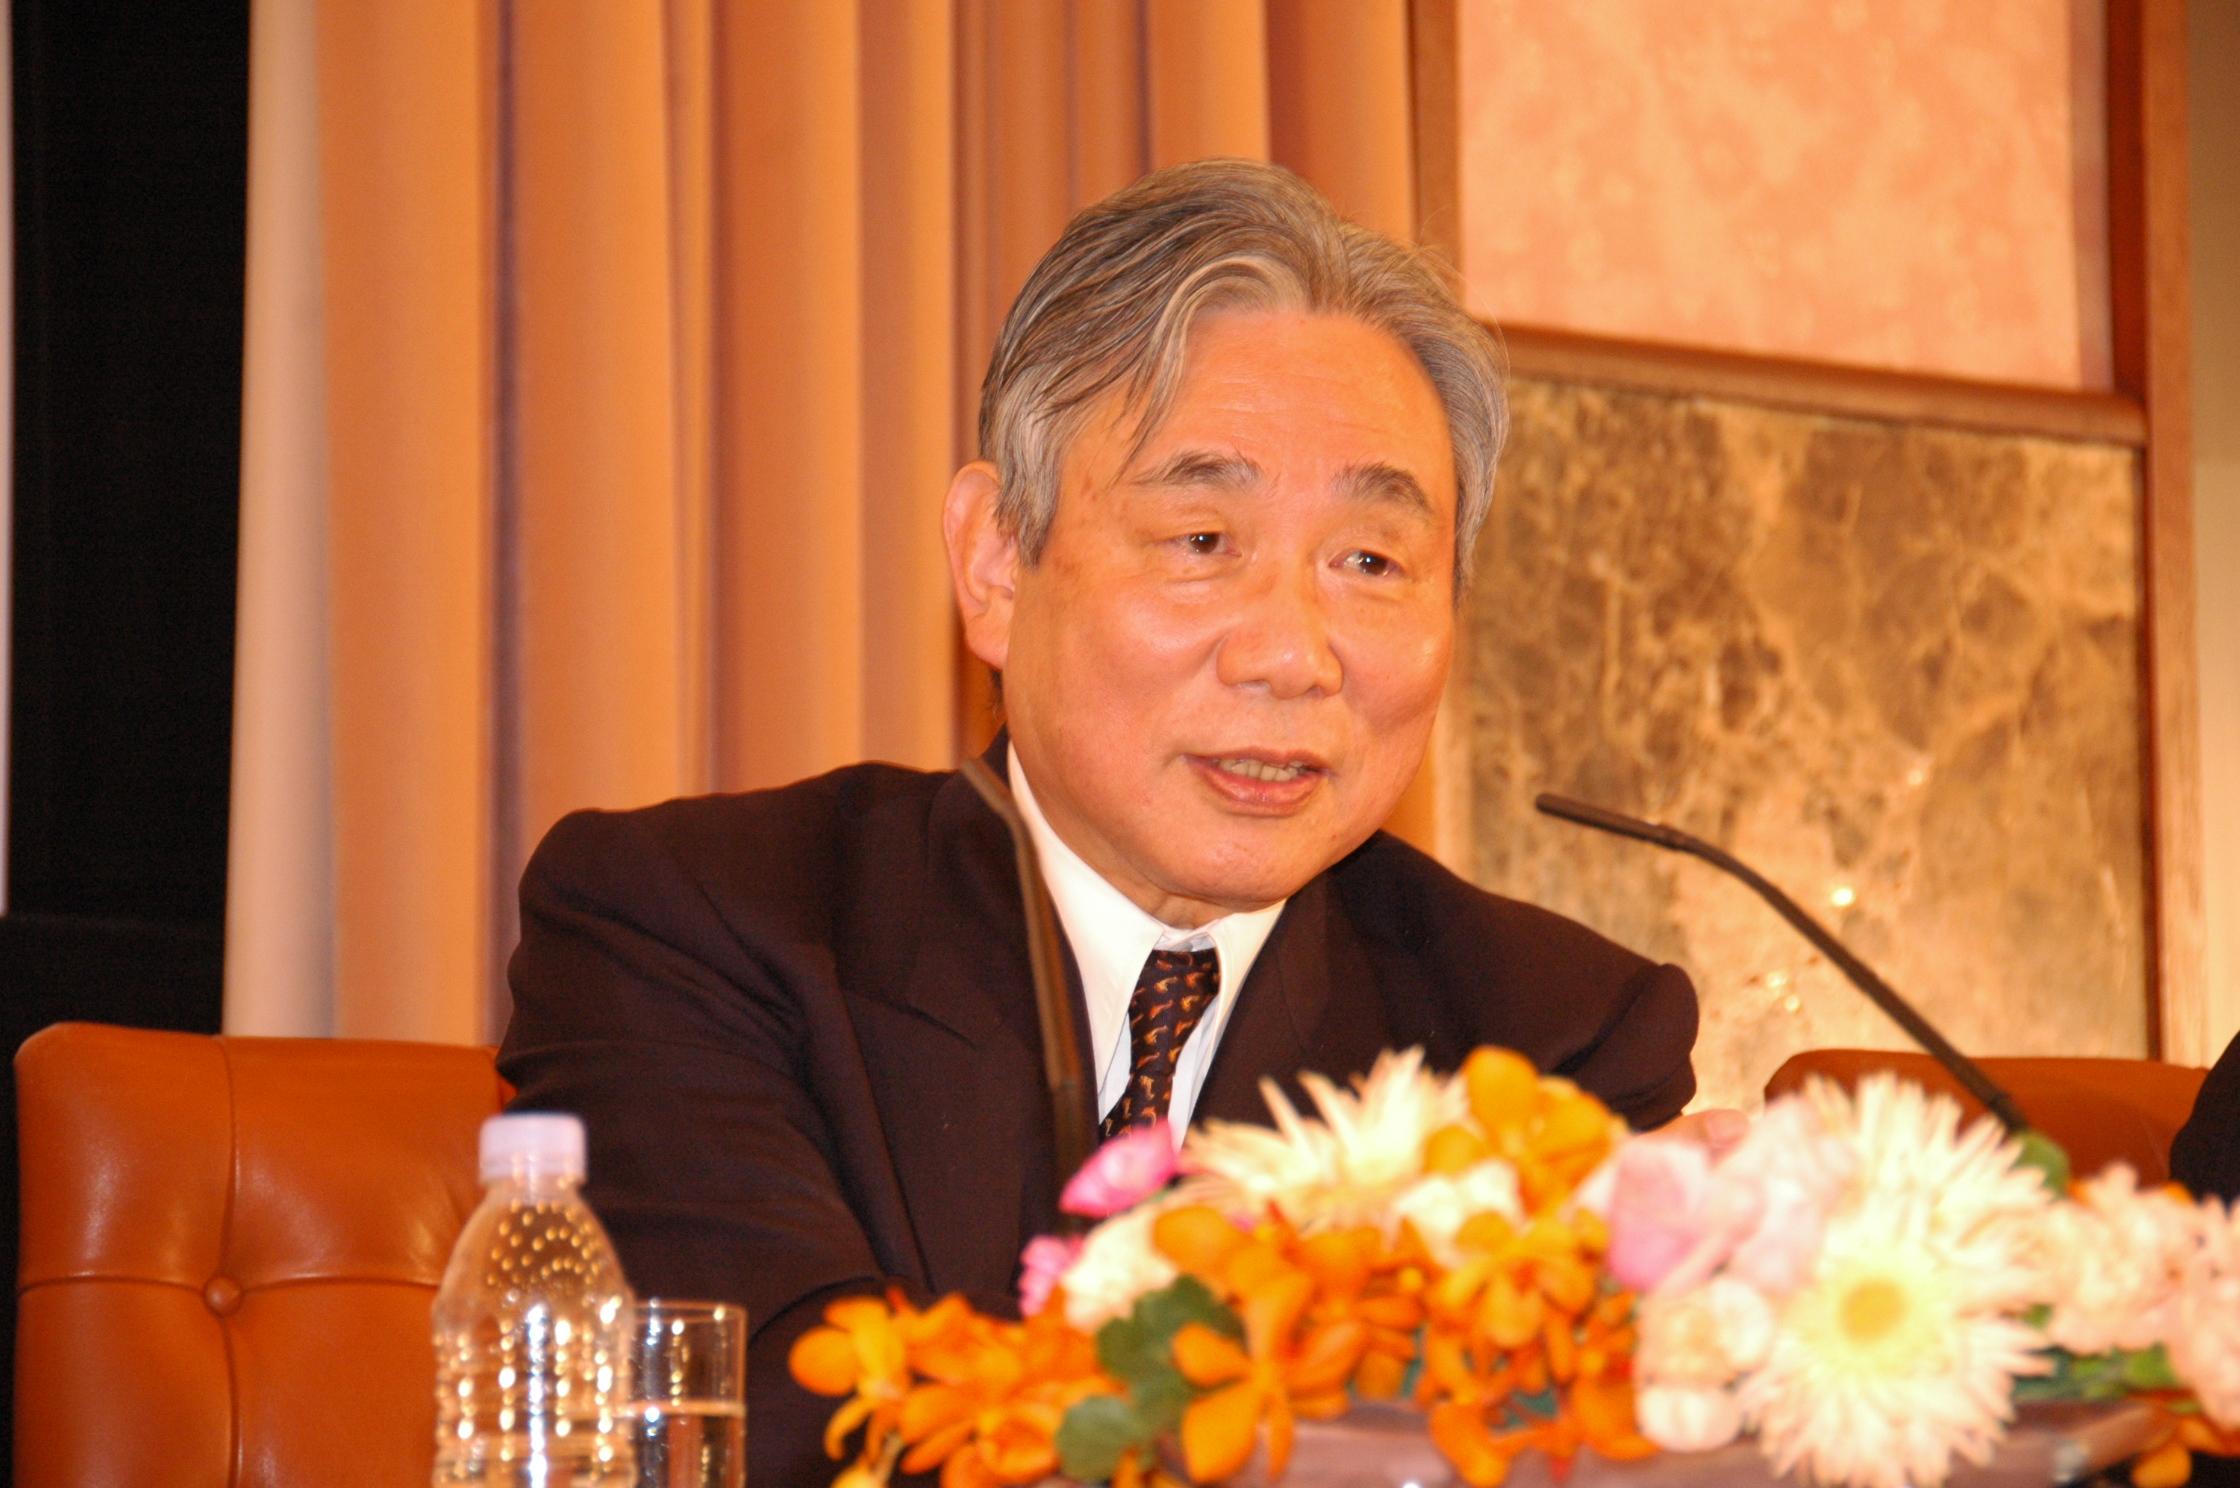 2008年12月26日          00:00 〜 00:00                葛西敬之 JR東海会長